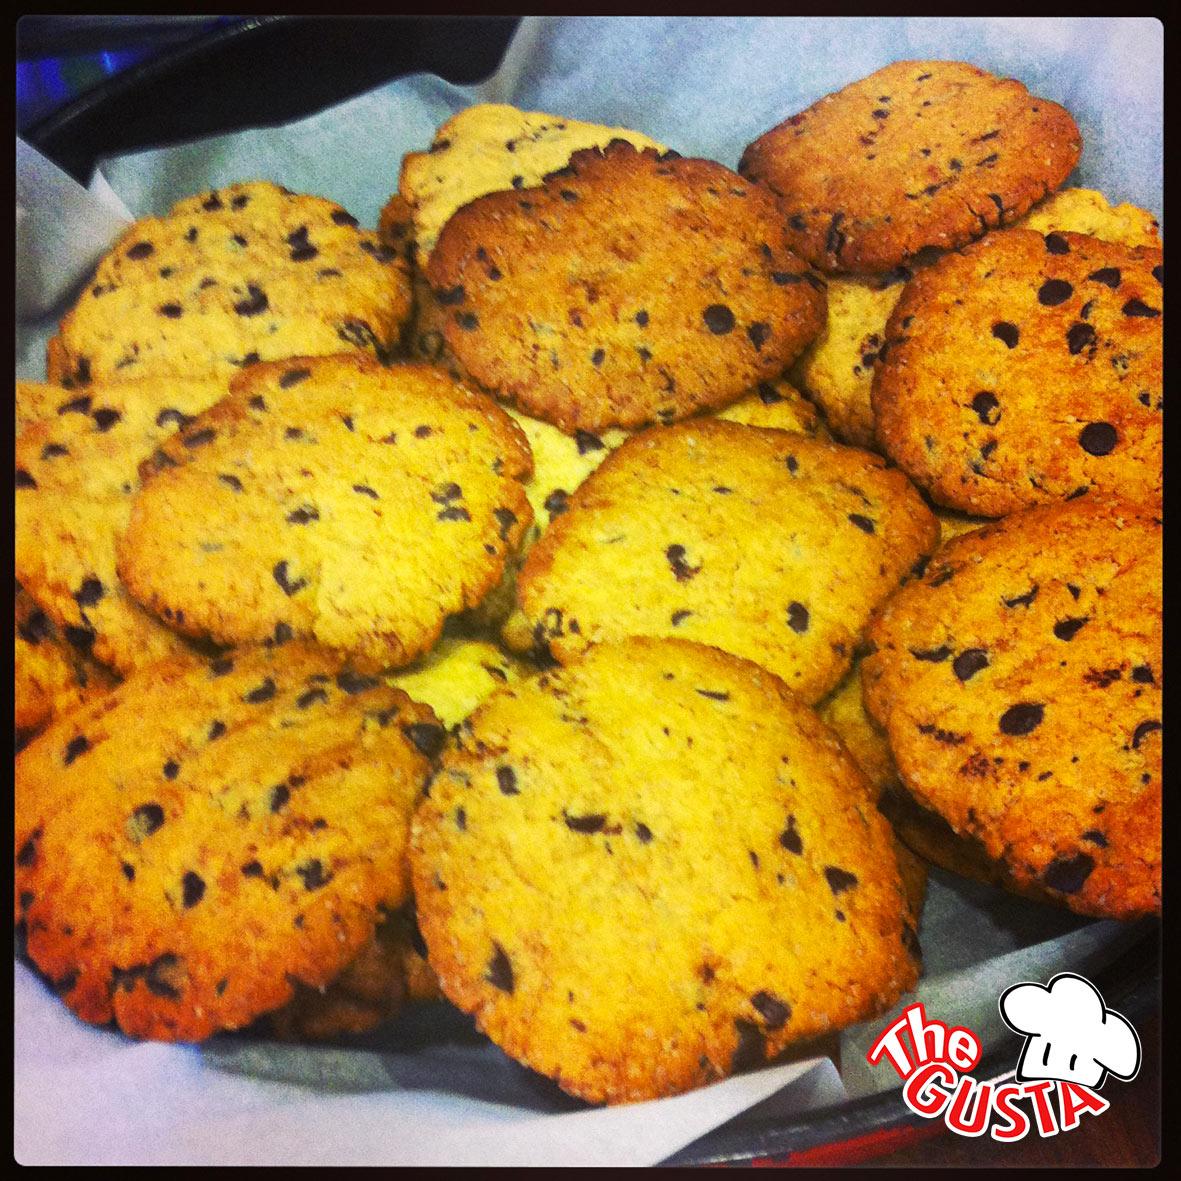 Cookies, biscotti di pasta frolla con gocce di cioccolato fondente.